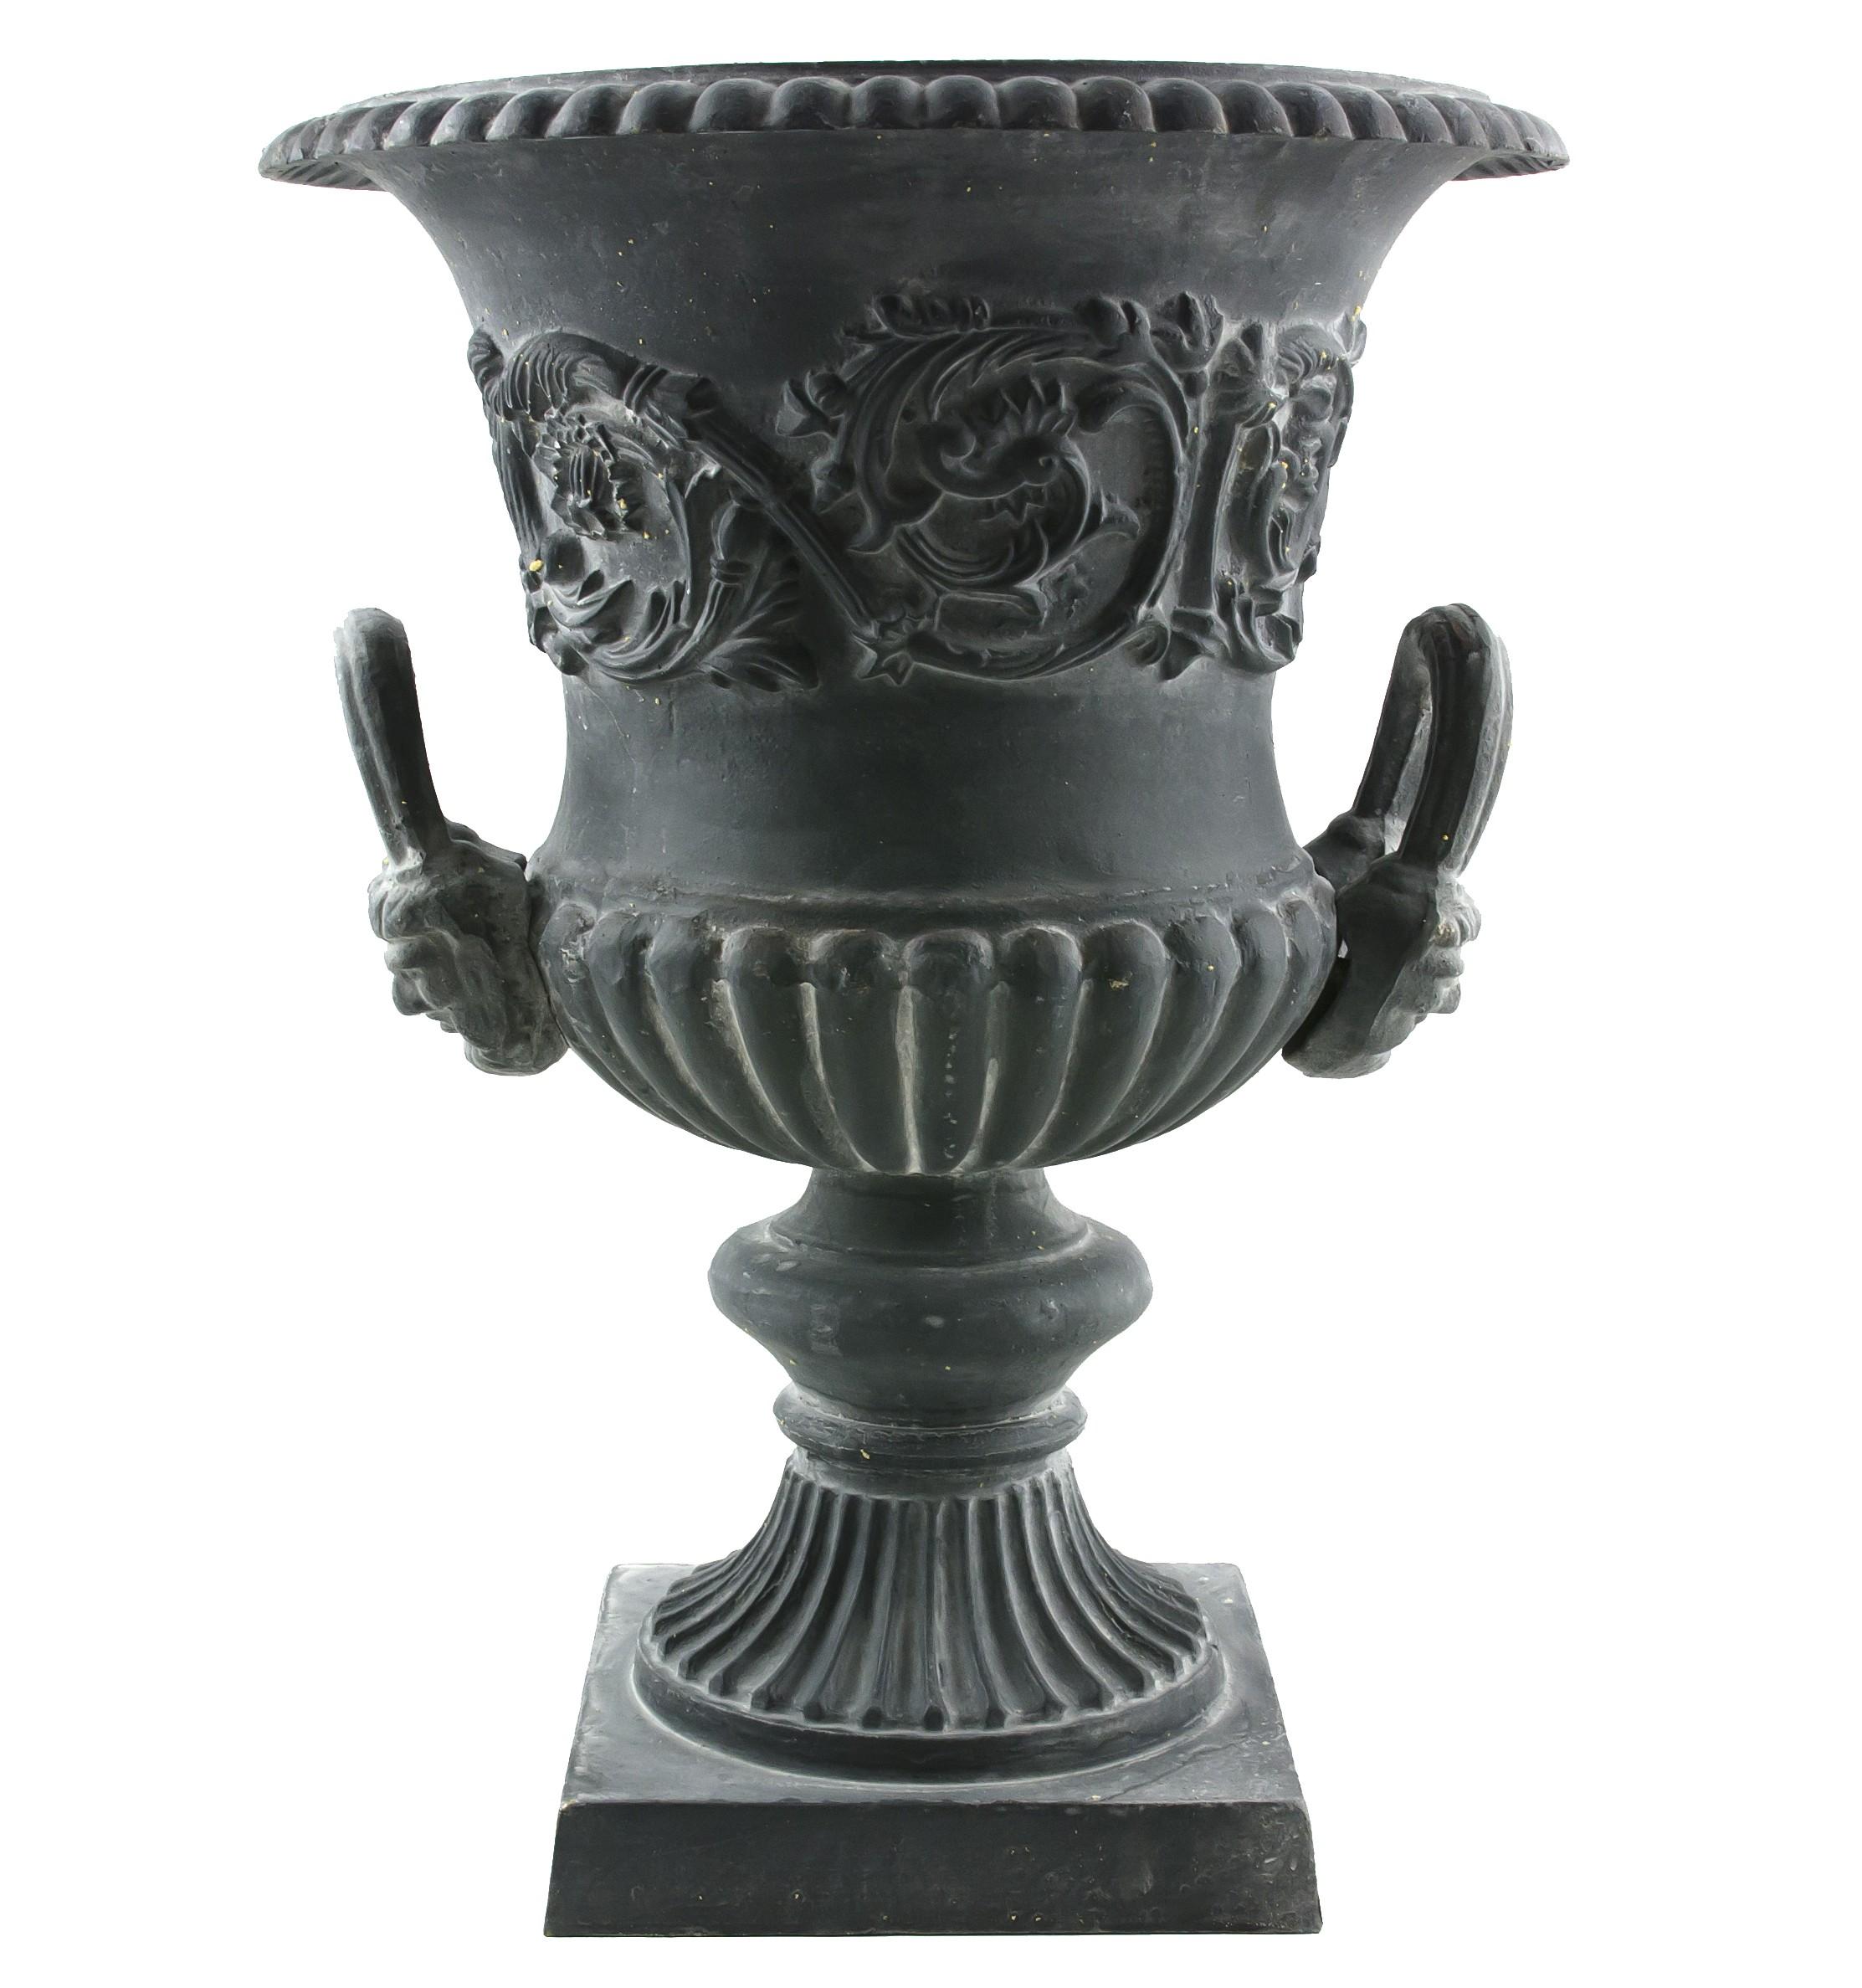 Grande Vasque Vase Jardiniere avec Anses en Fonte Pot de ...